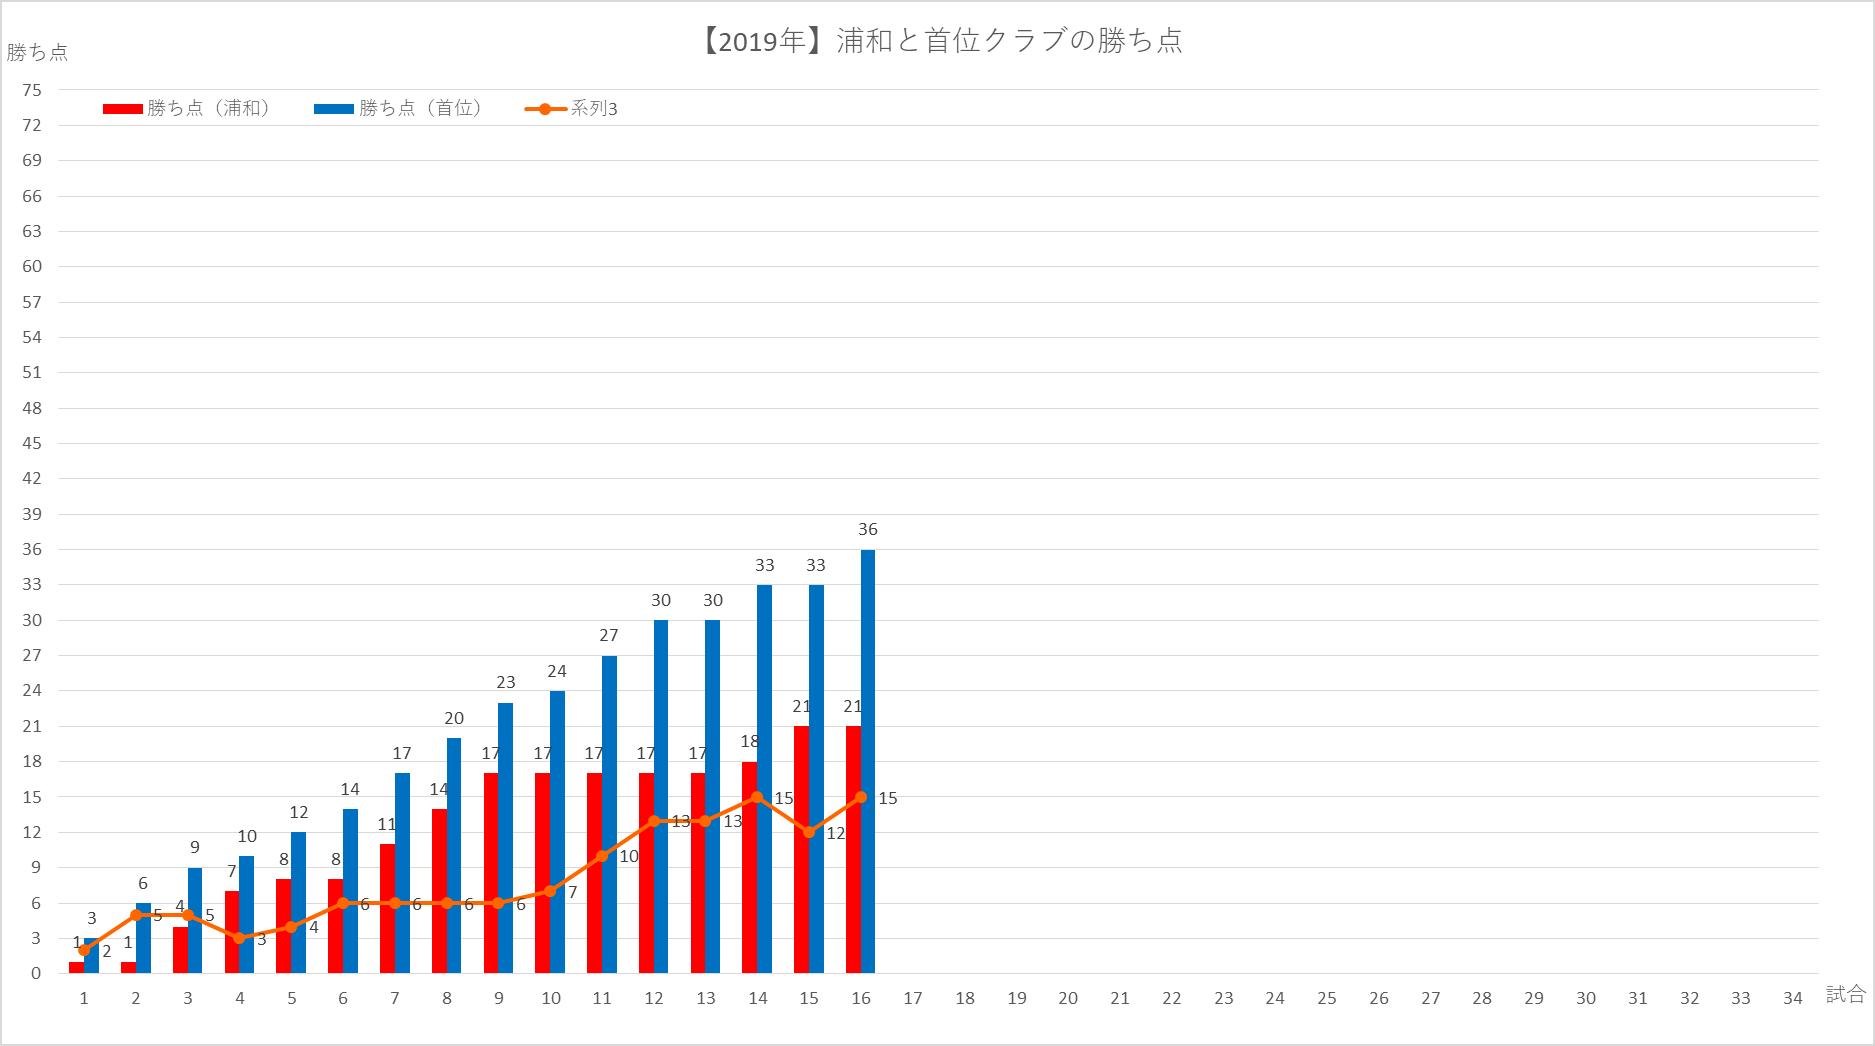 2019浦和と首位との比較(順位と勝ち点)